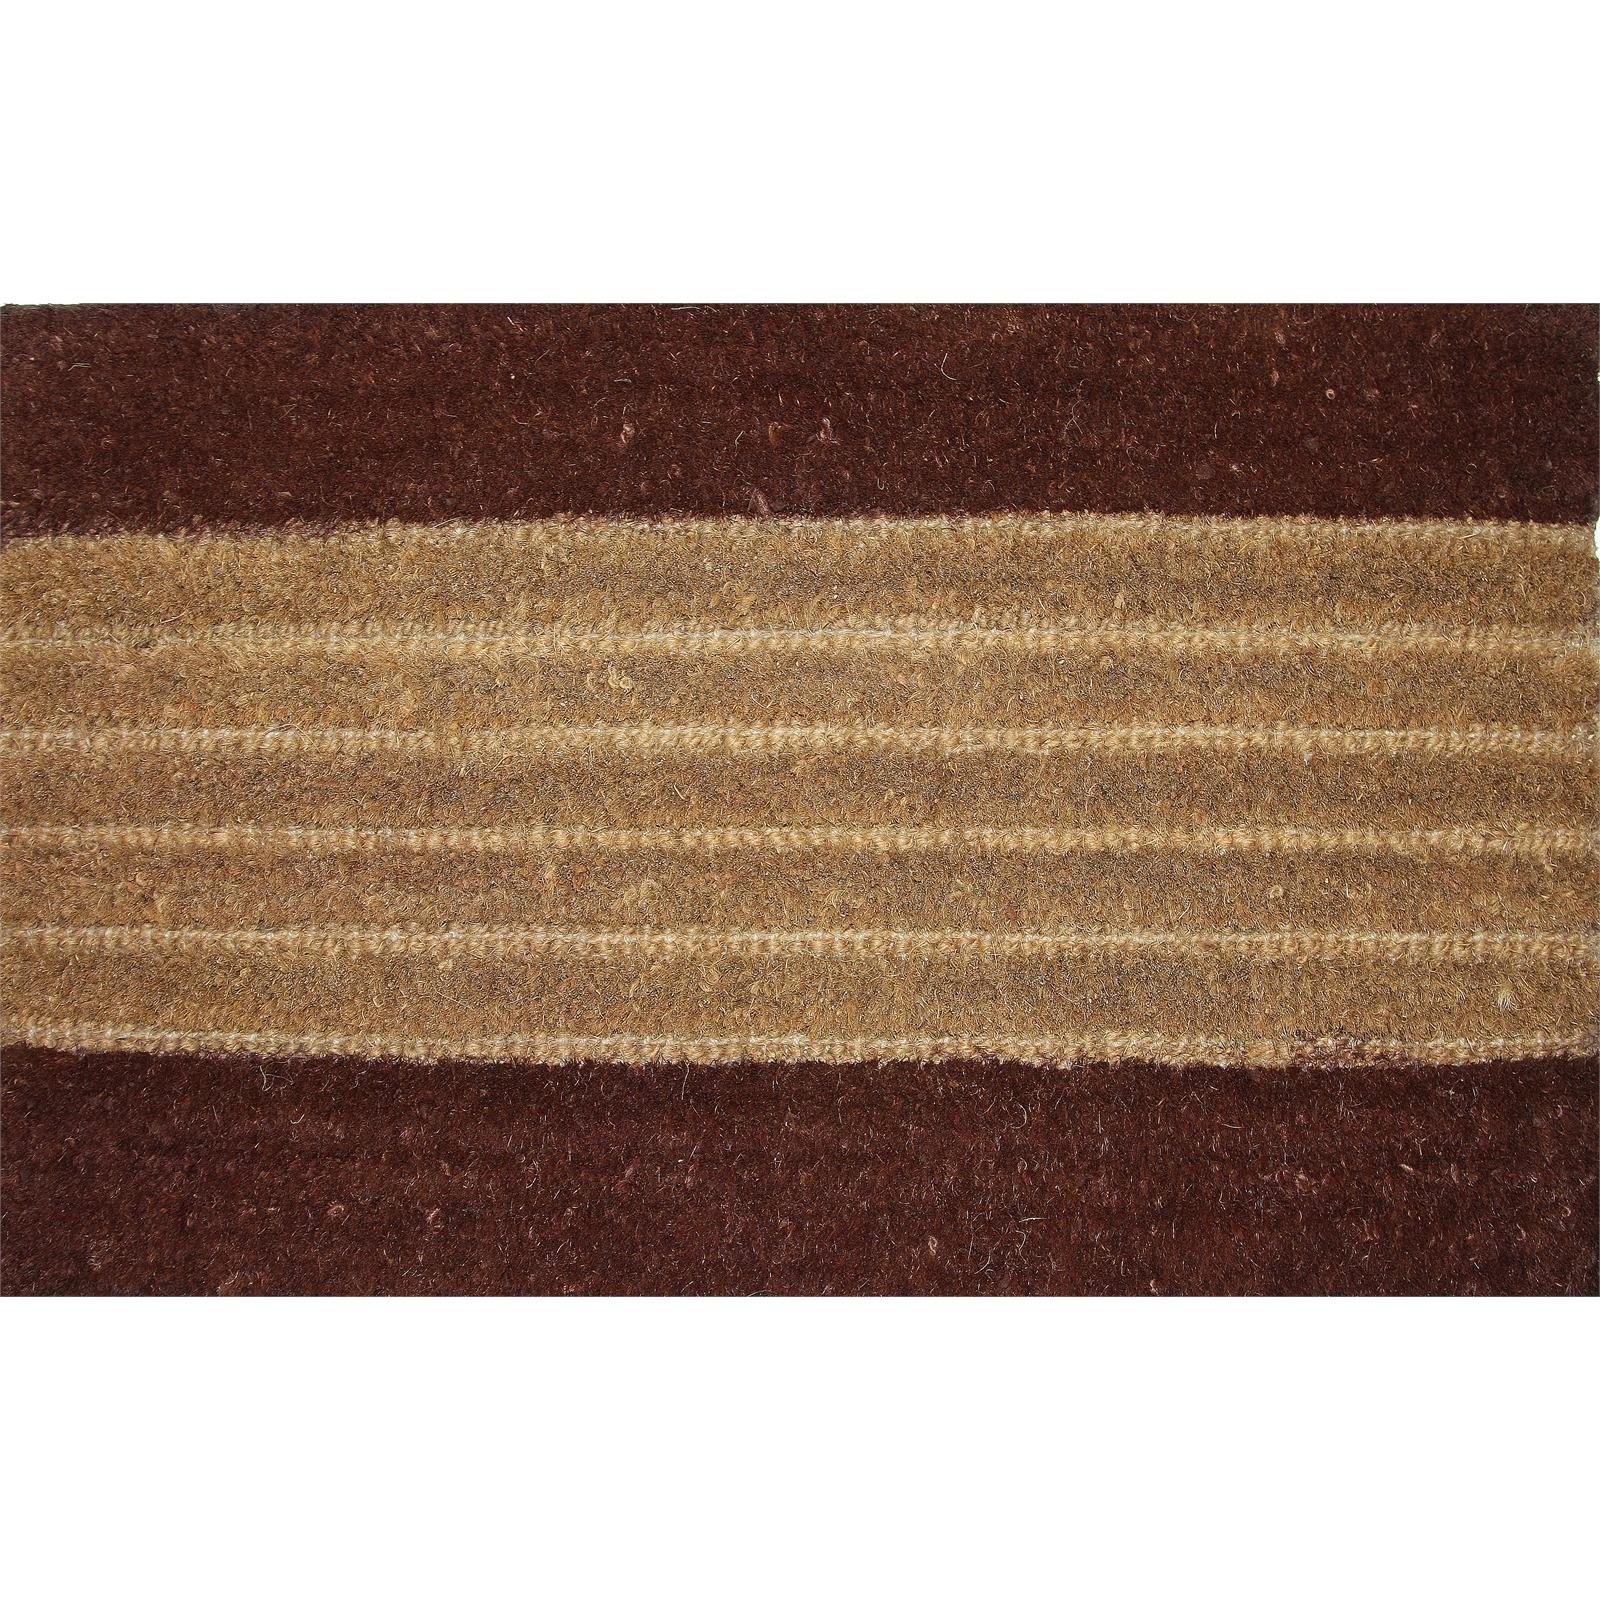 Bayliss 50 x 80cm Expresso Natural Coir Mat